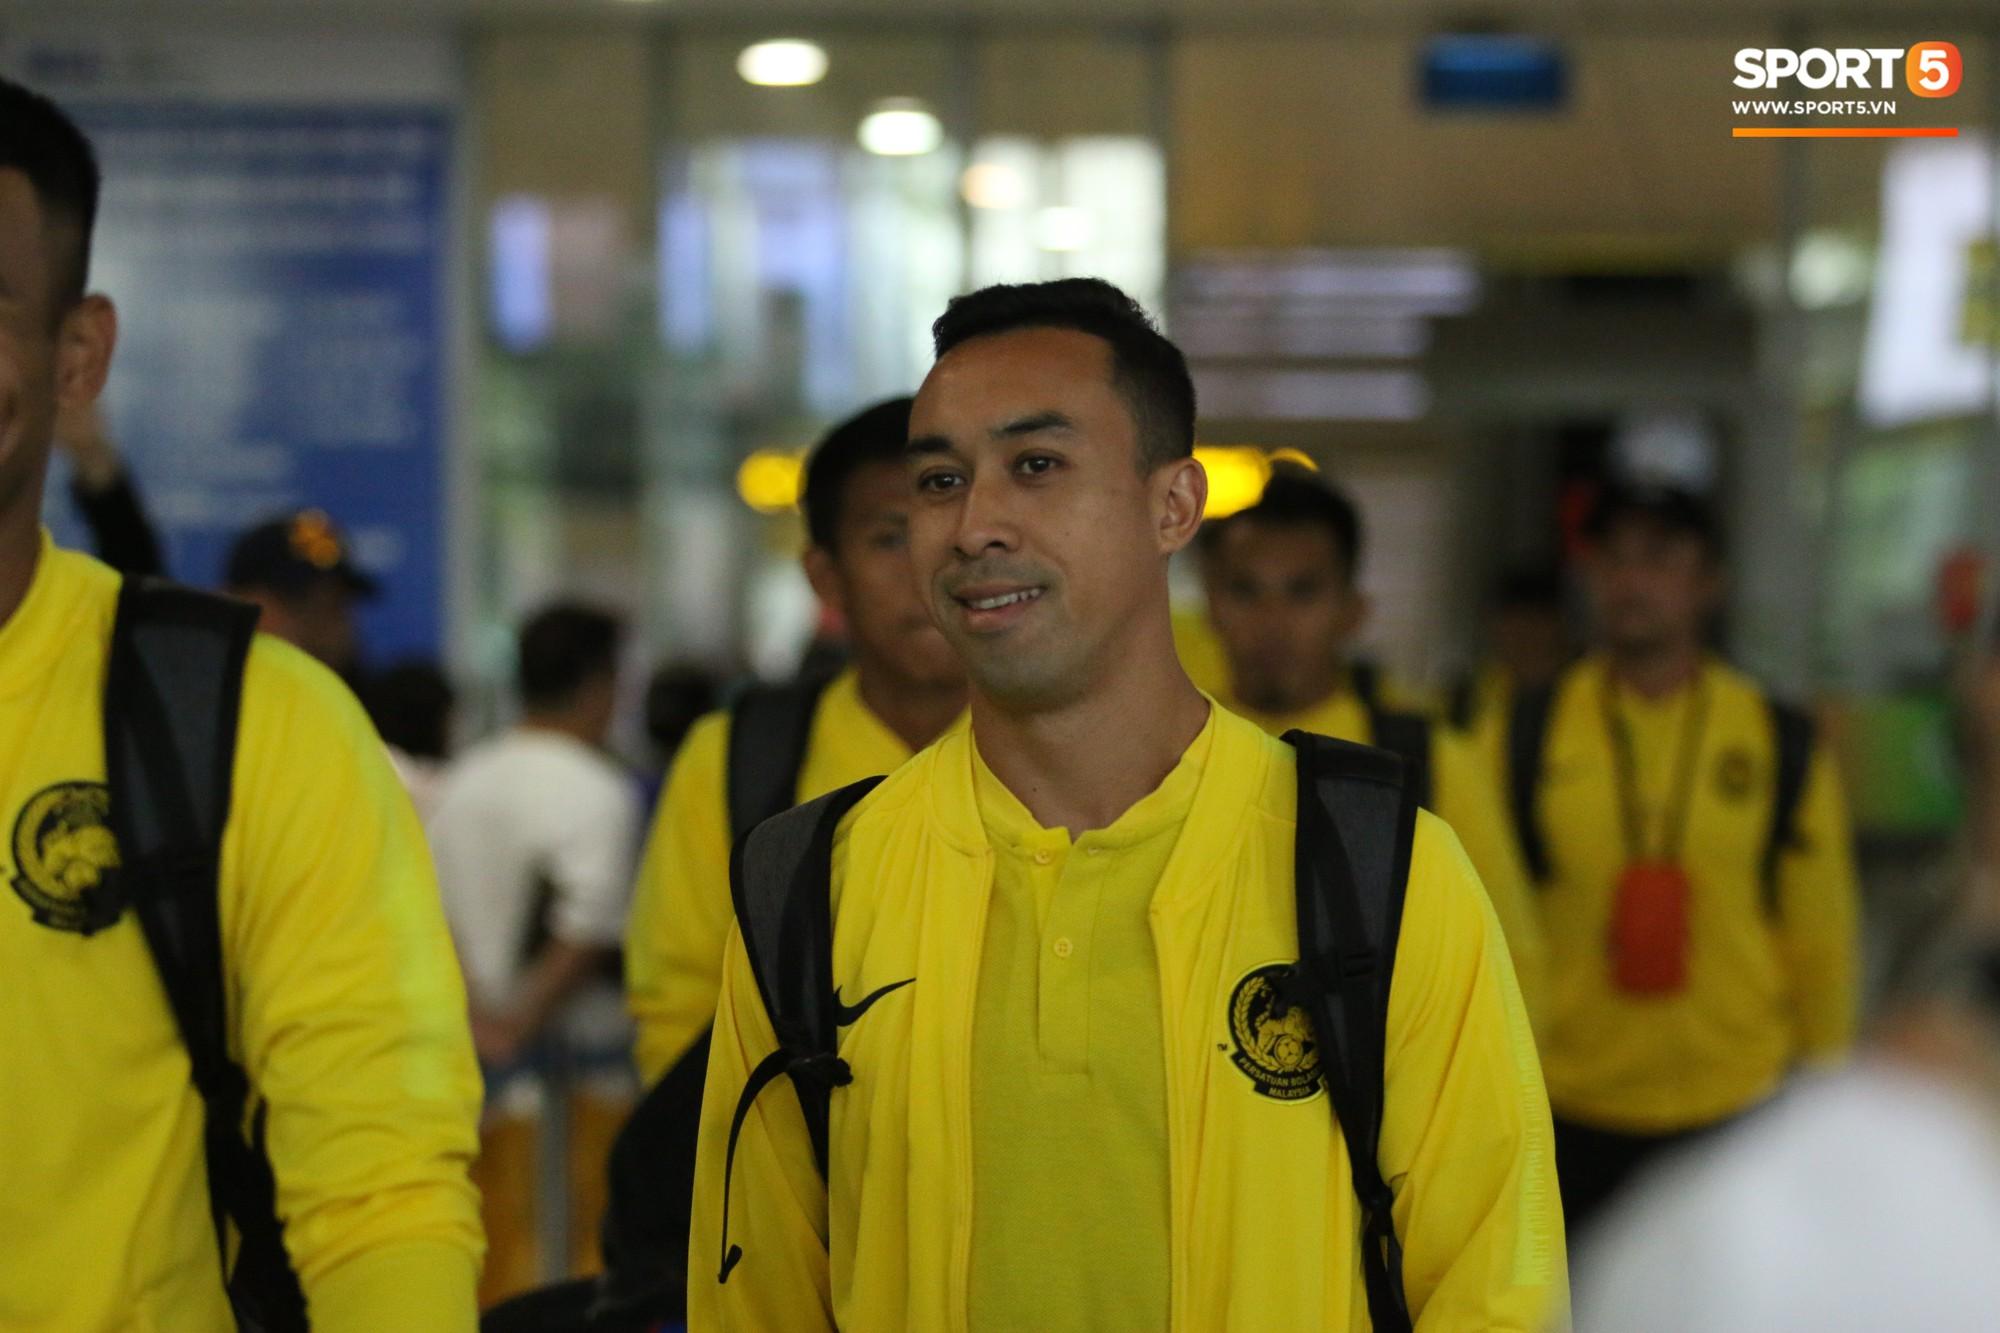 Đội tuyển Malaysia gặp sự cố ngay khi vừa đặt chân đến Việt Nam - Ảnh 5.